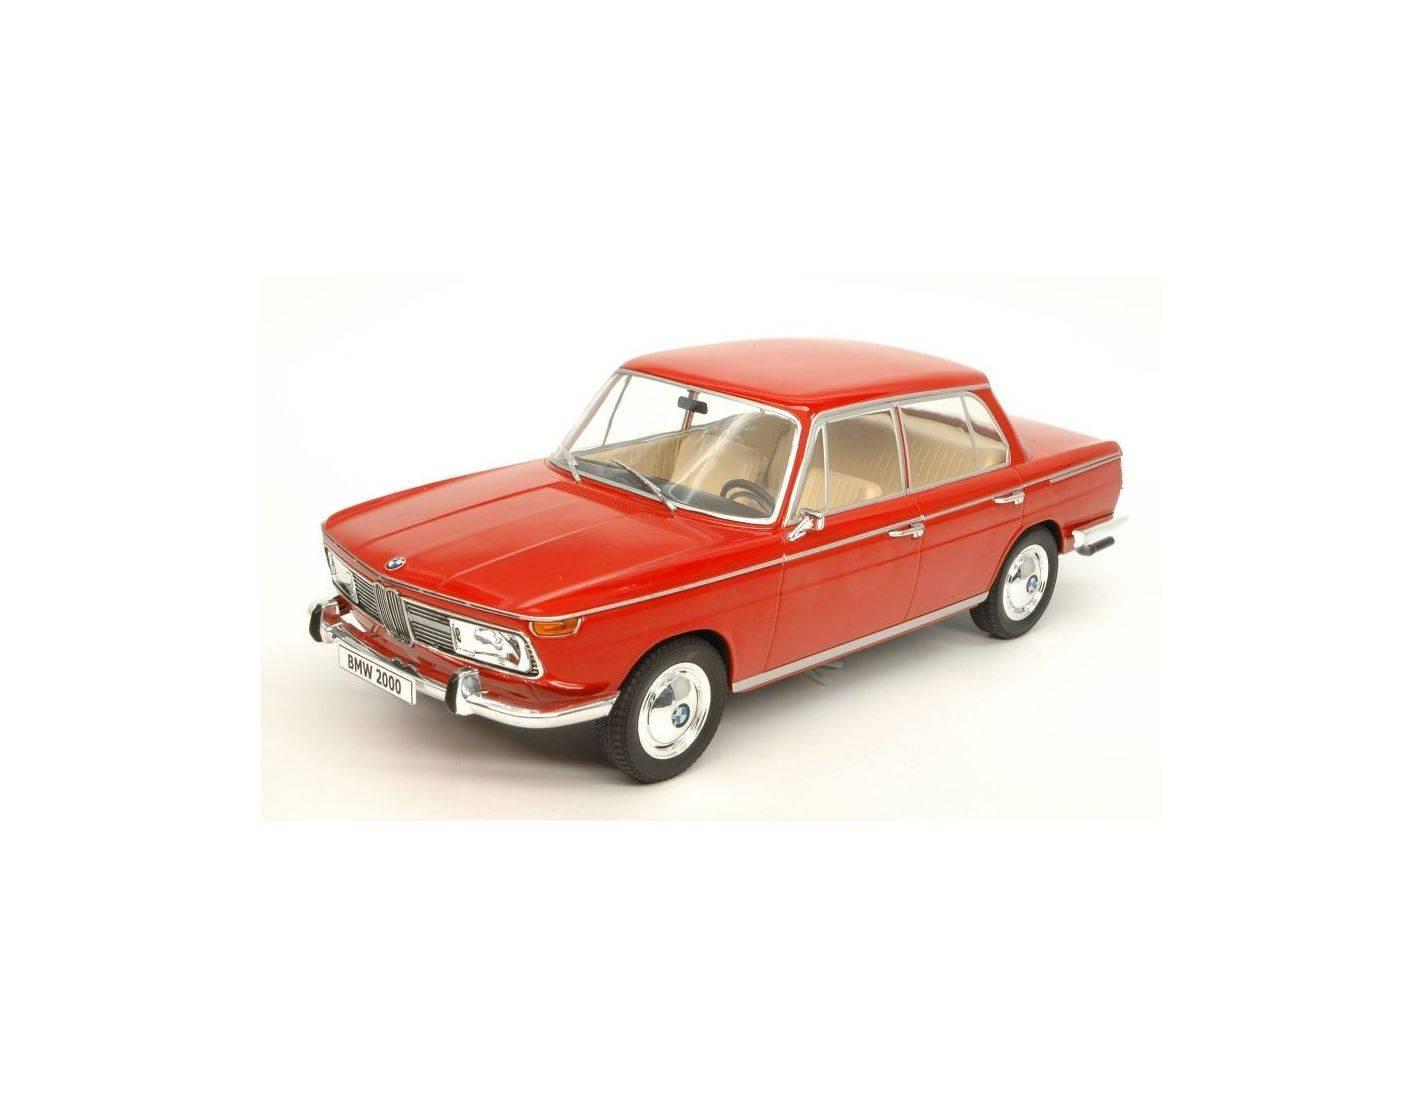 Mac due mcg18041 bmw 2000 ti e120 1966 red 1 18 modellino for Mac due the box